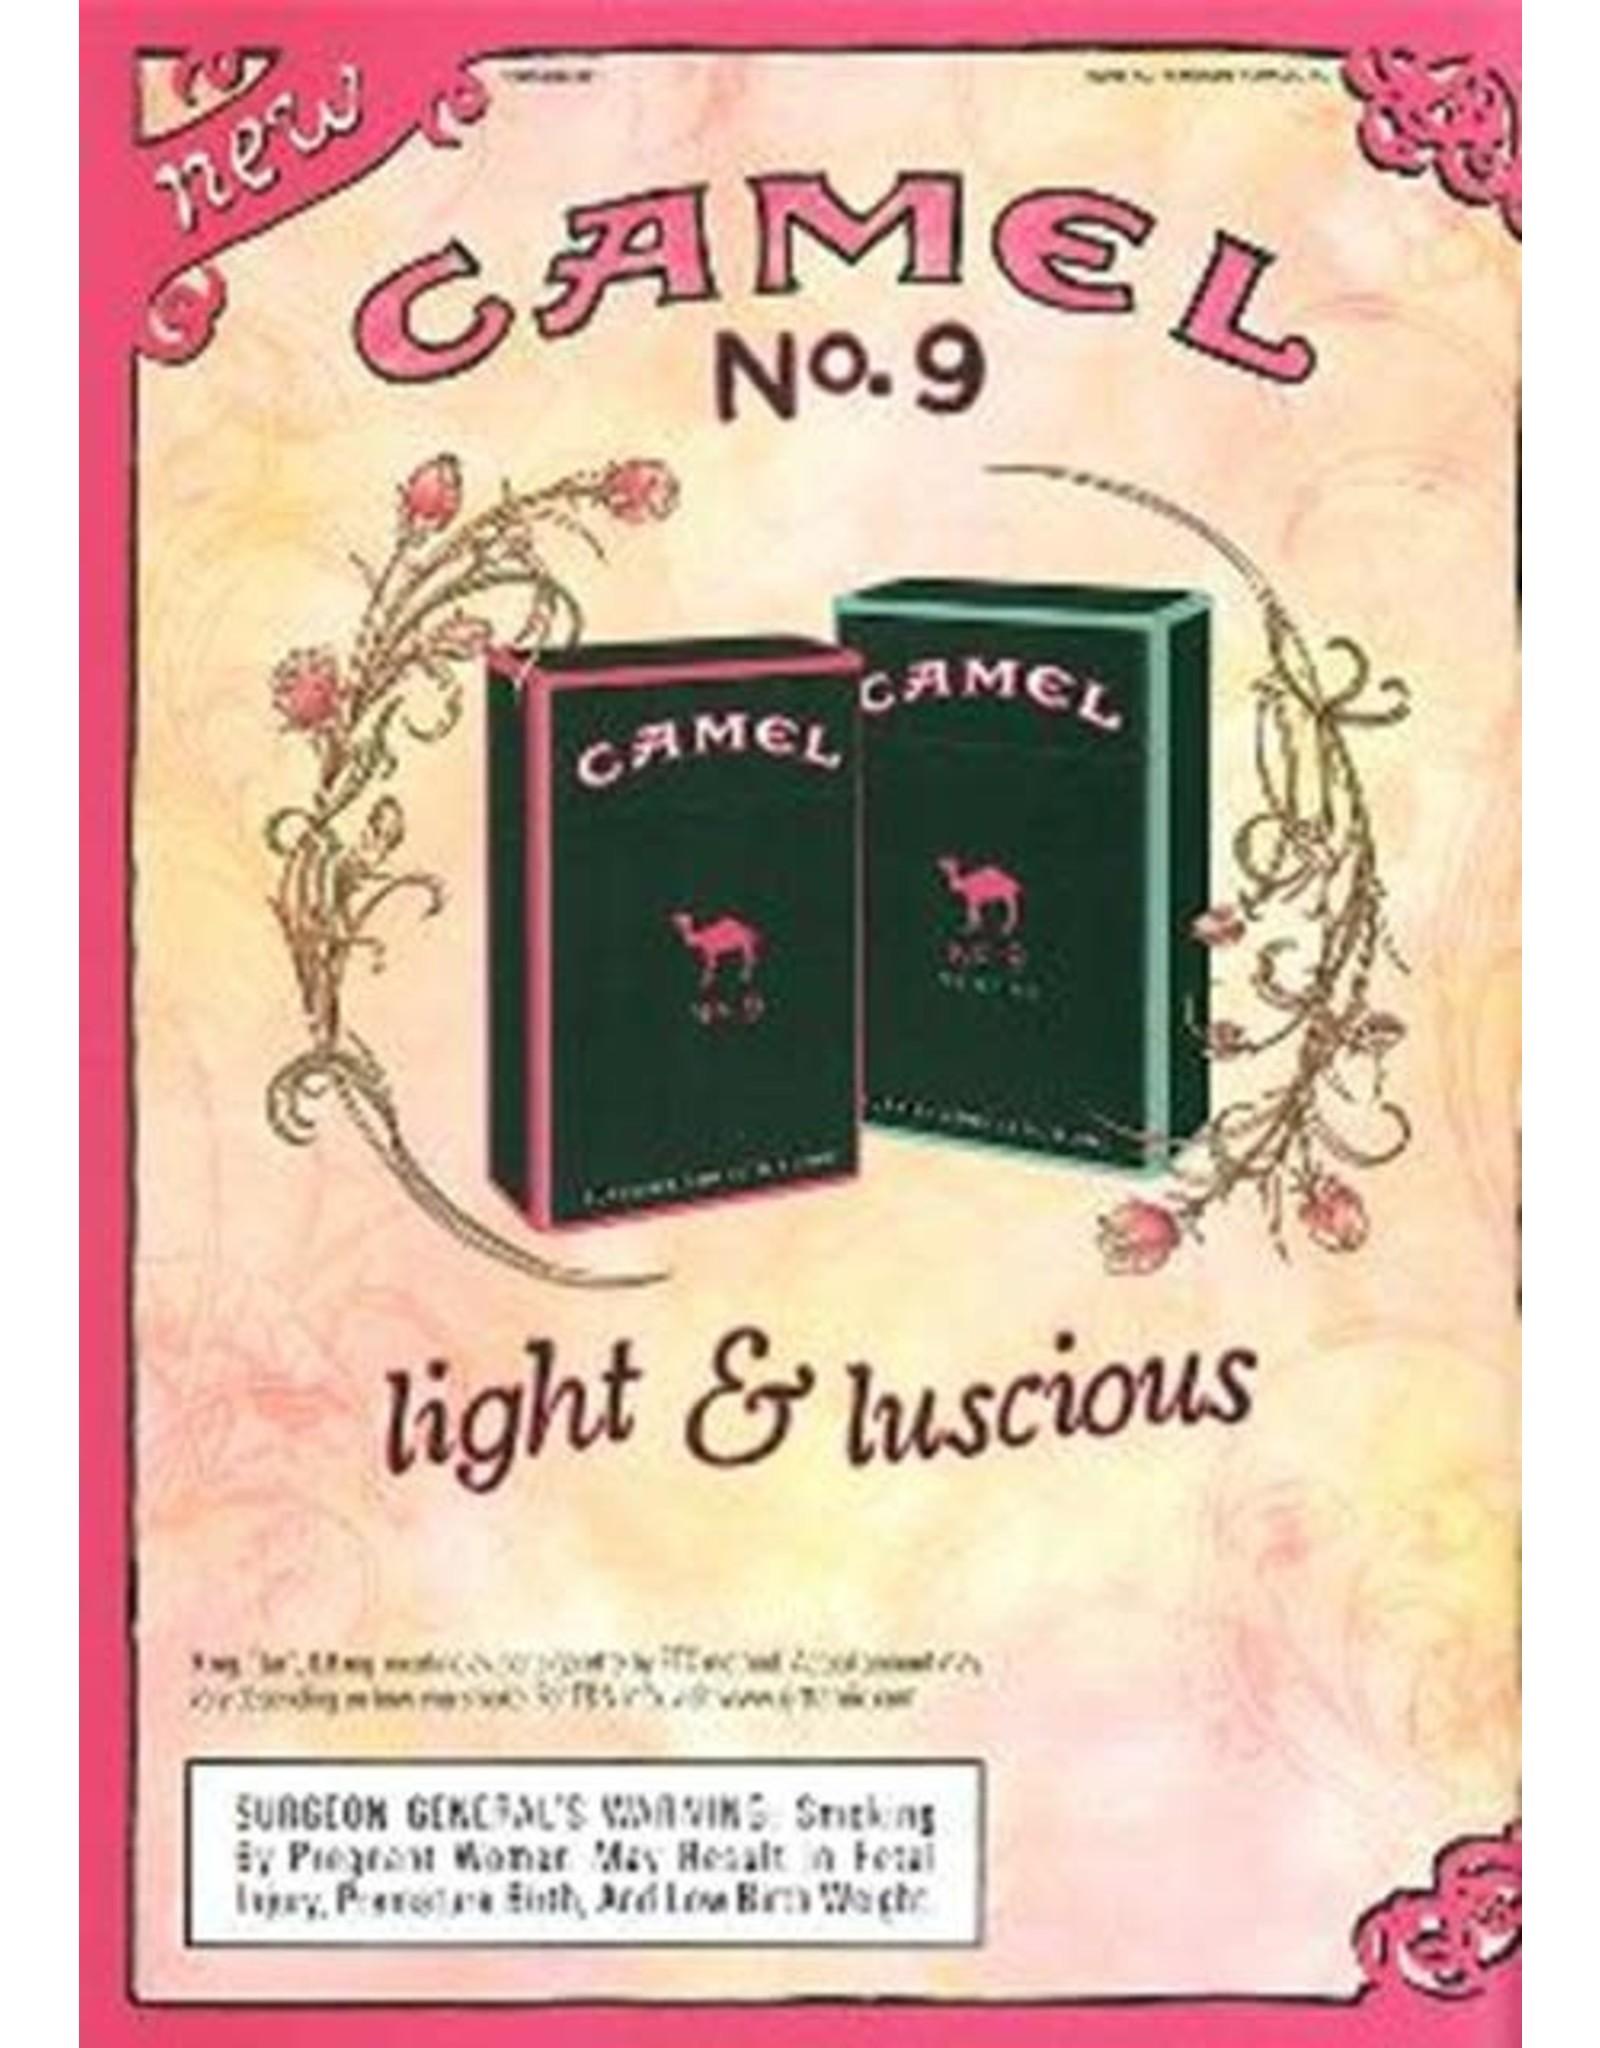 CAMEL NO. 9